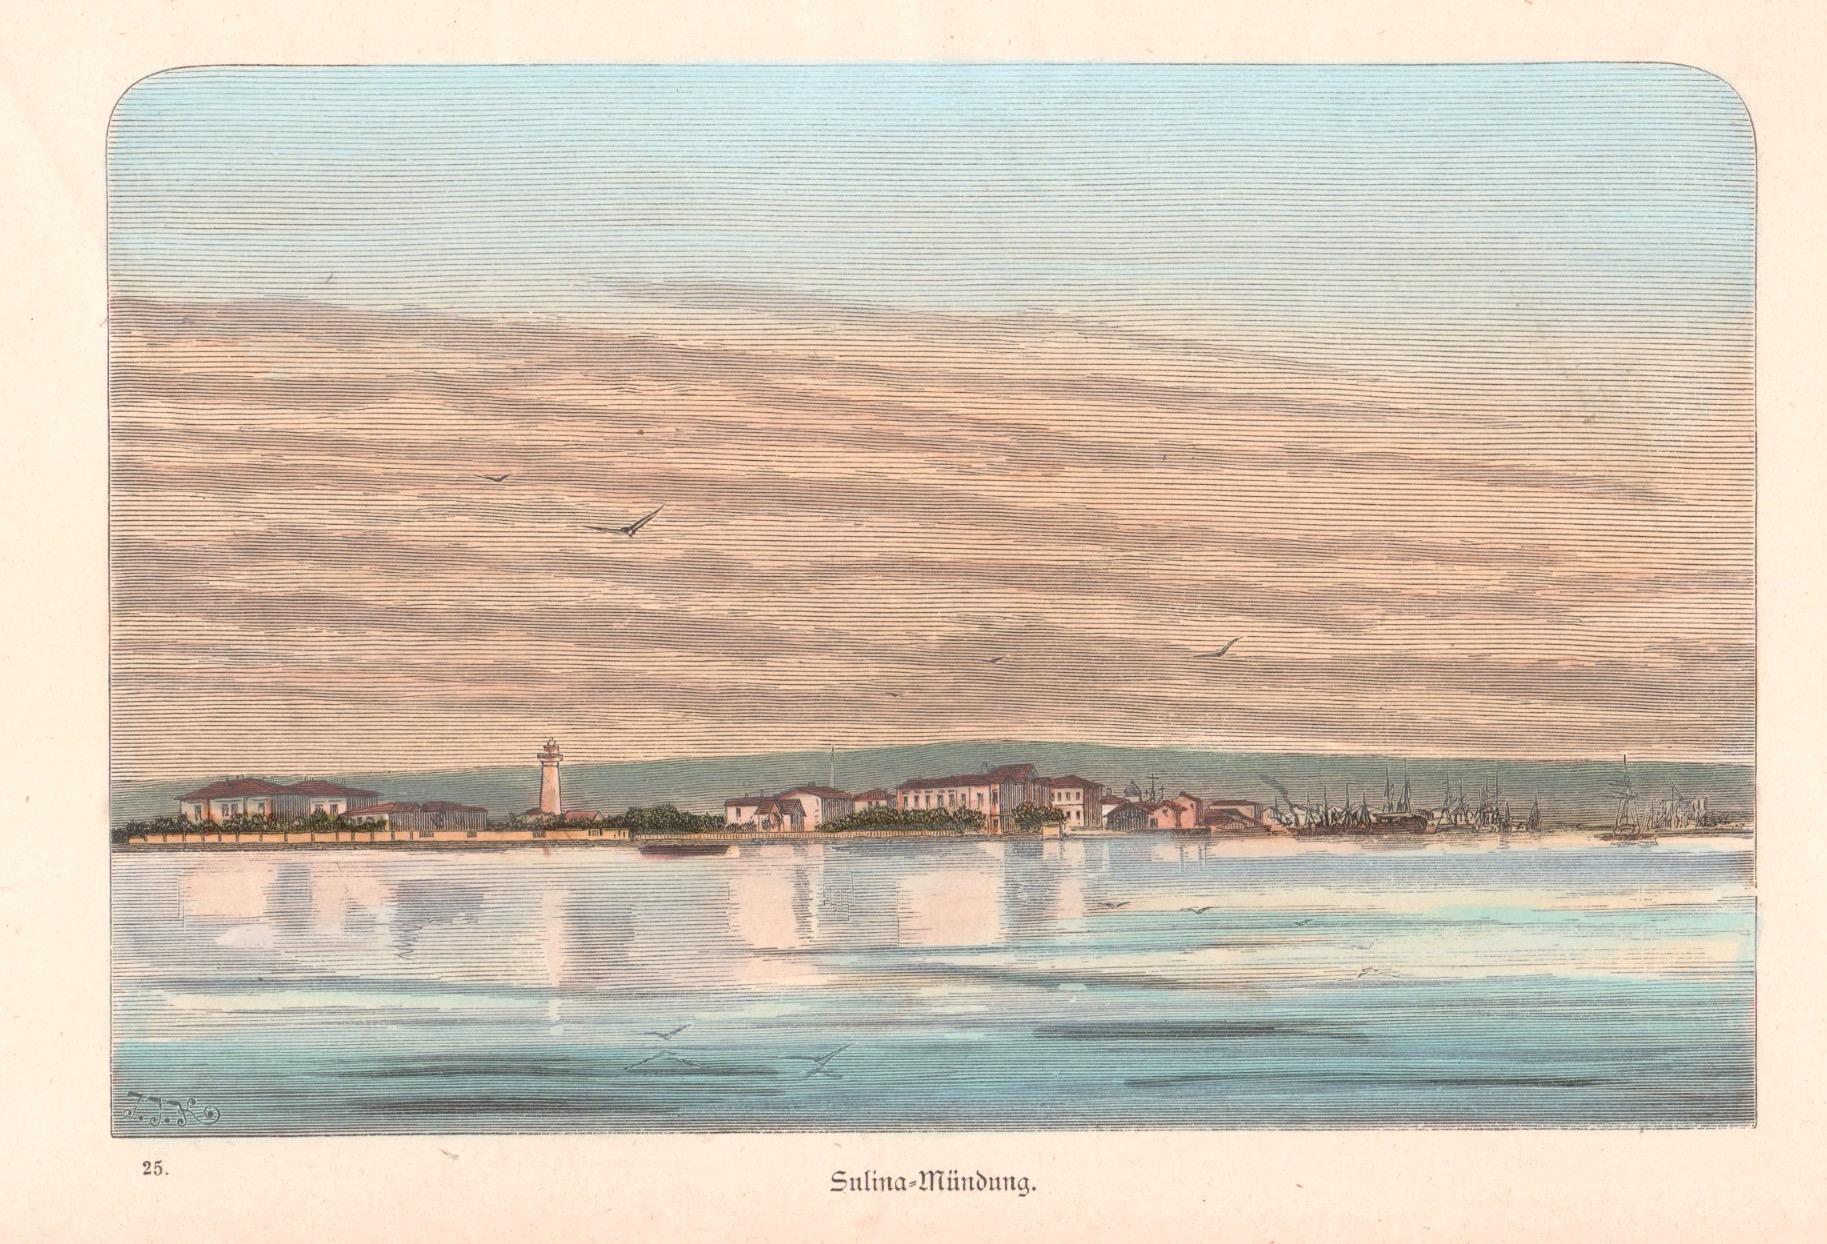 K.  Sulina-Mündung.